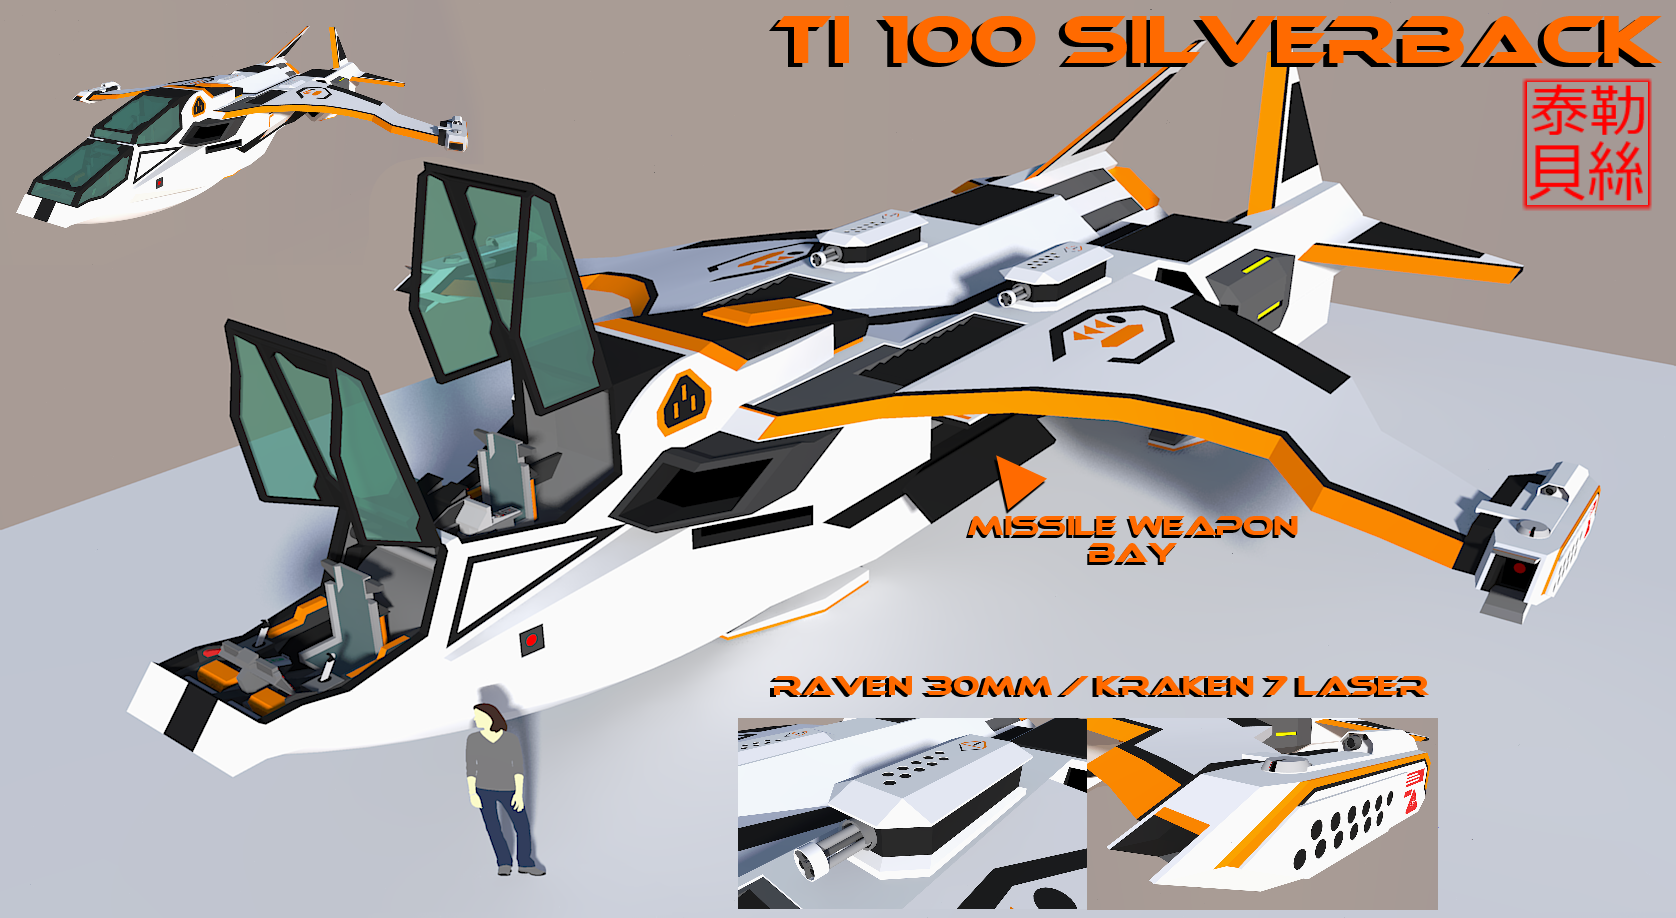 TI 100 Silverback by Gwentari